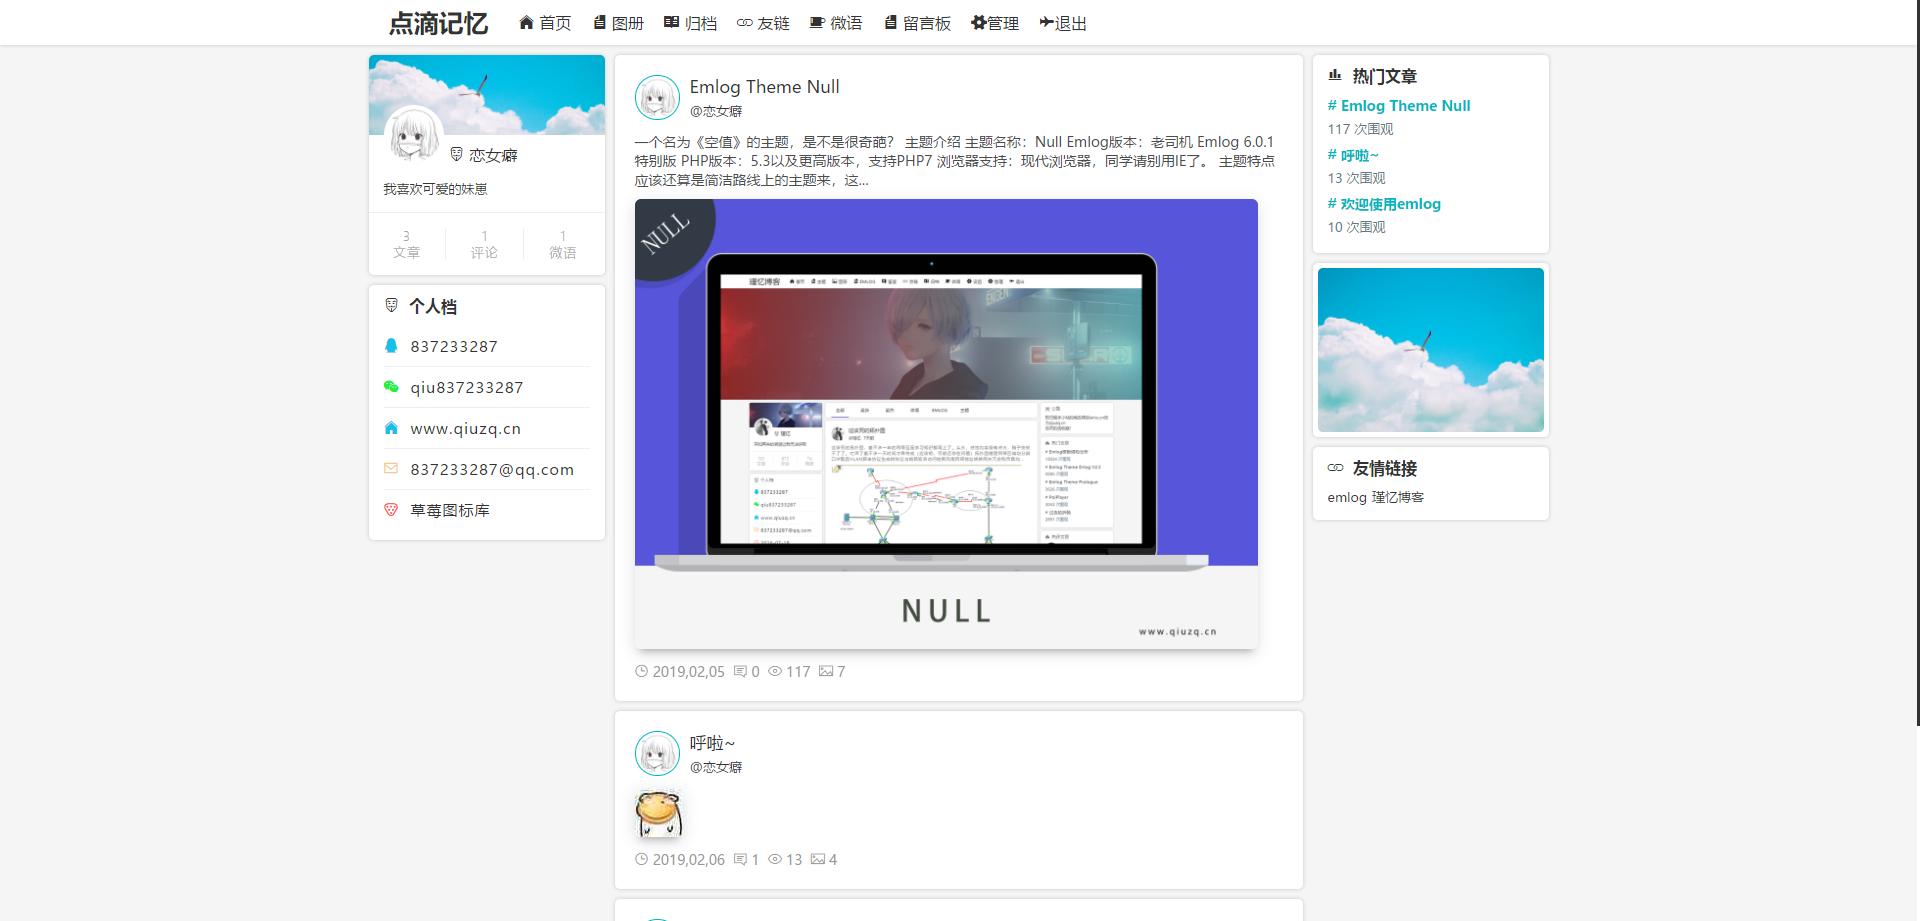 【emlog模板】Null_origin